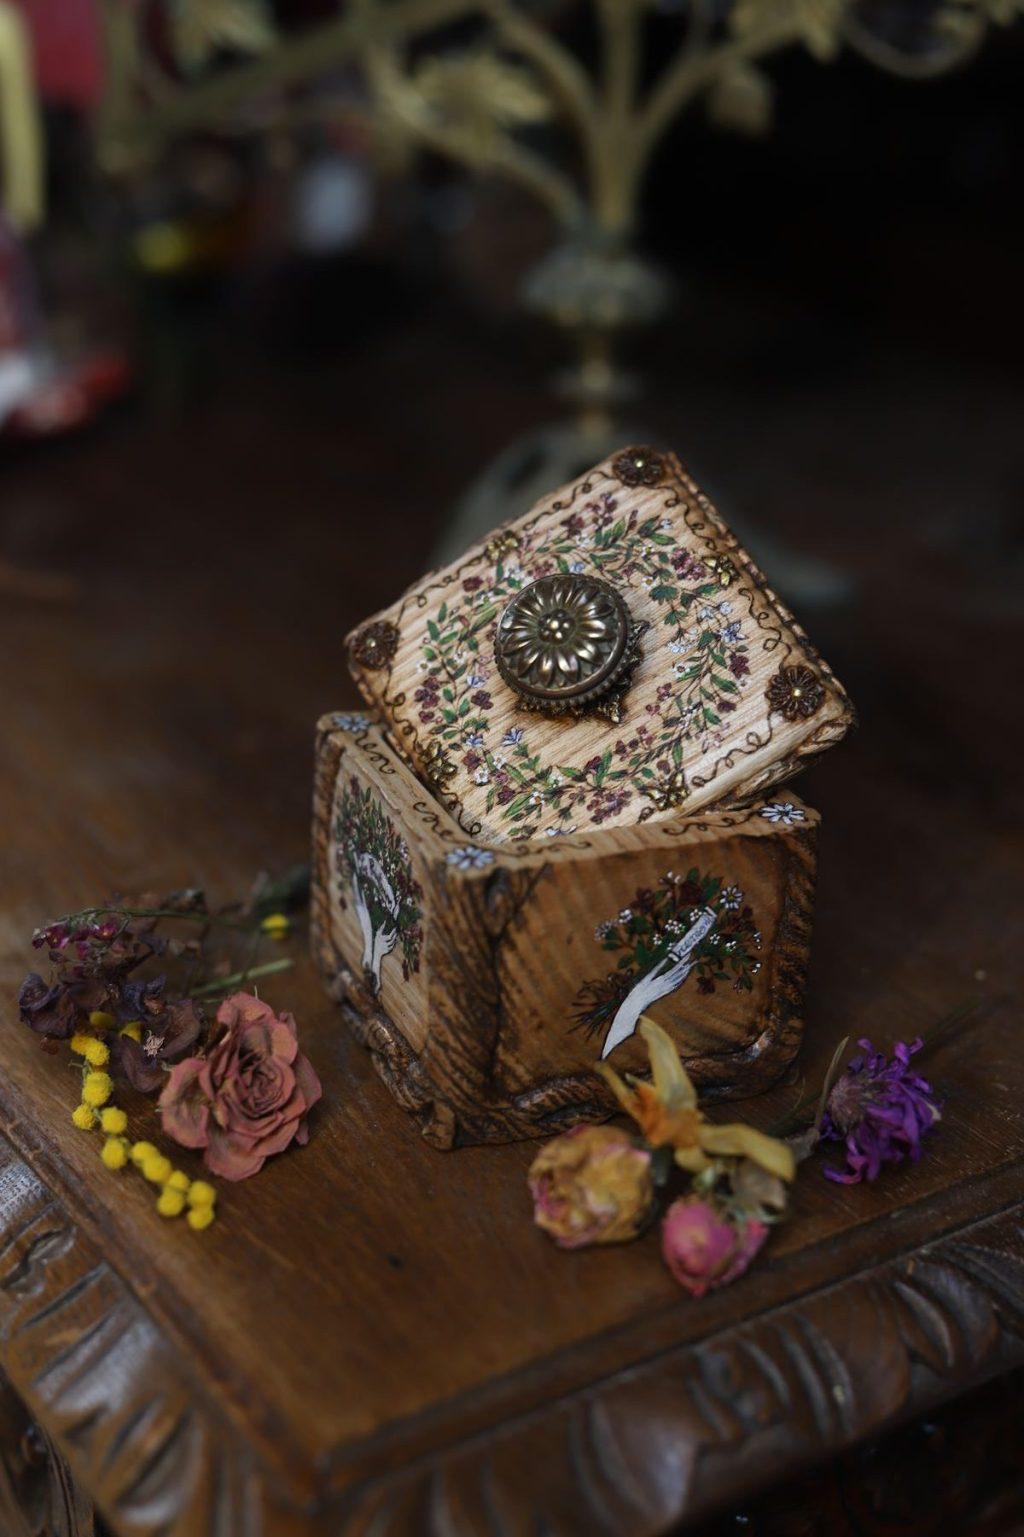 Coffret, bois massif, printemps, romantique, sculpture, floral, artisanat français écologique, atelier de la lettre aux ours, missive to bears